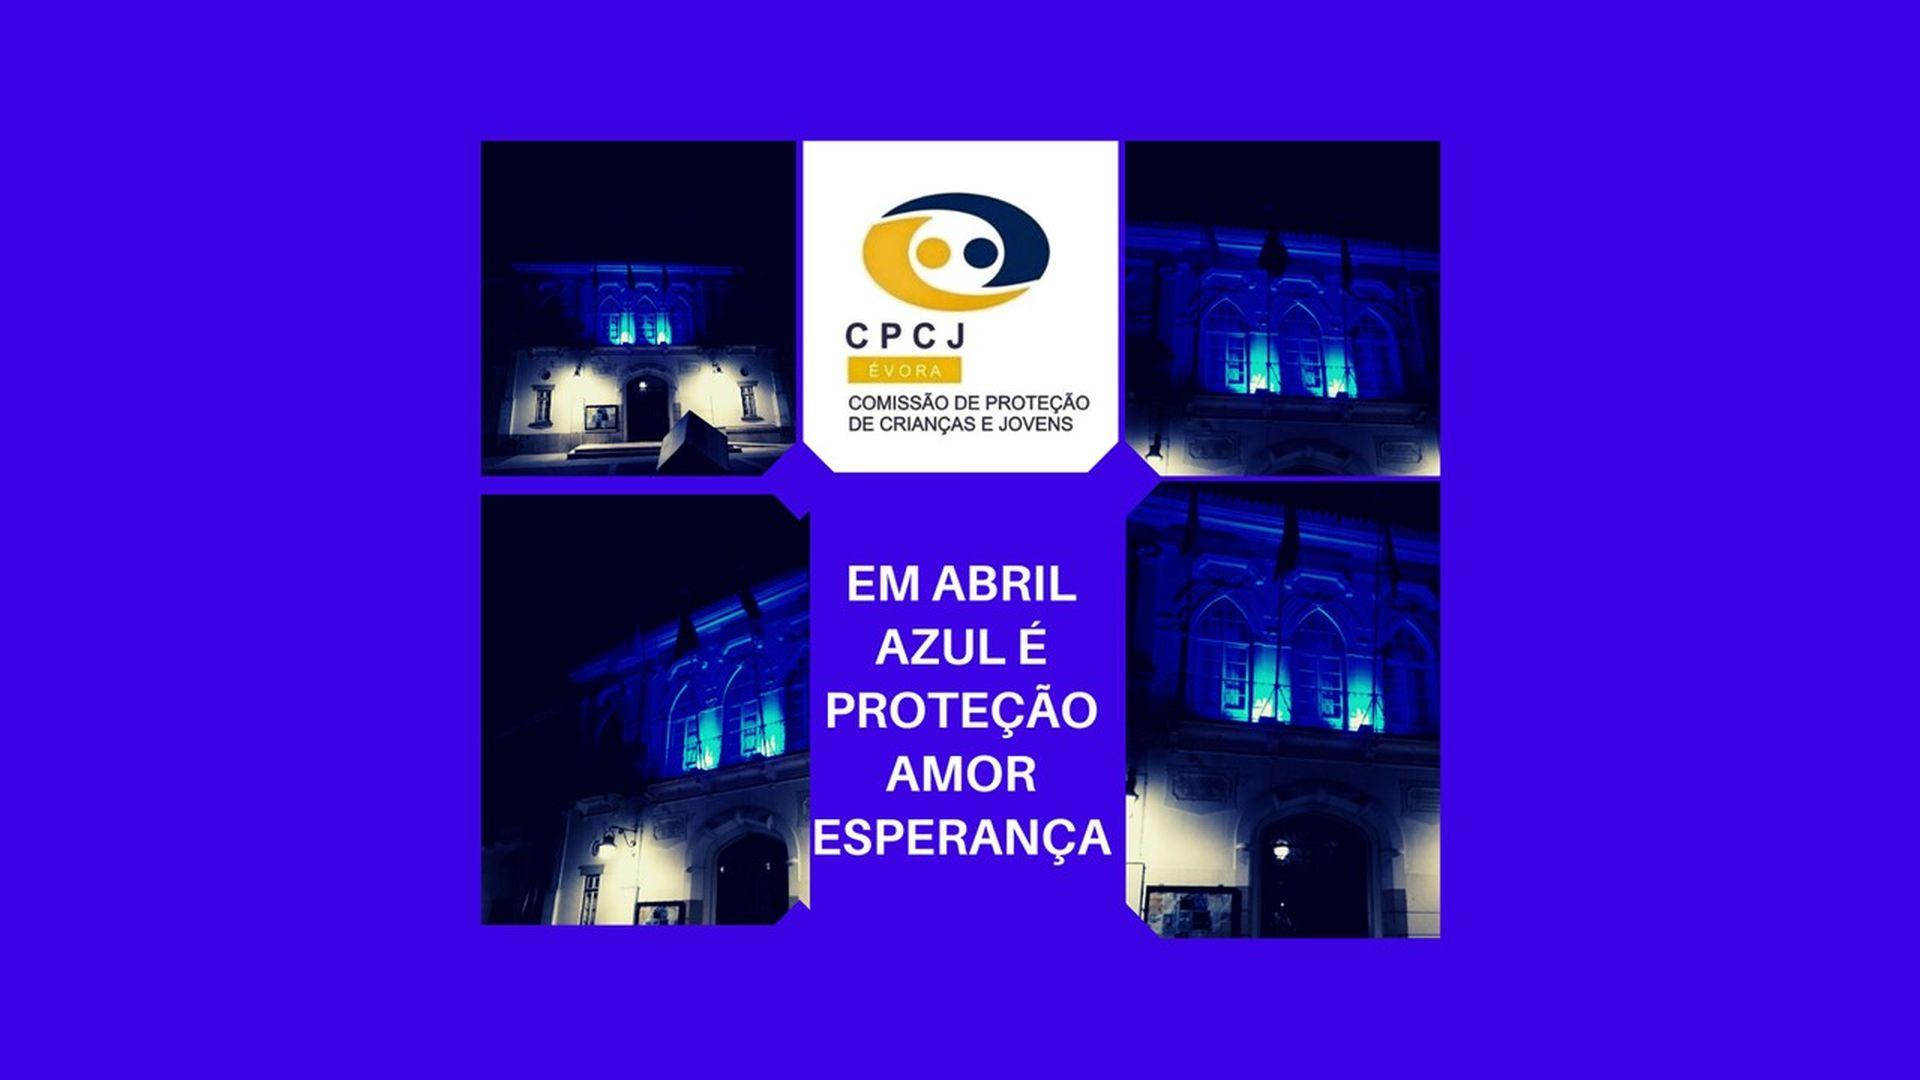 (Português) Prevenção de maus tratos contra crianças e jovens é assinalada em Évora